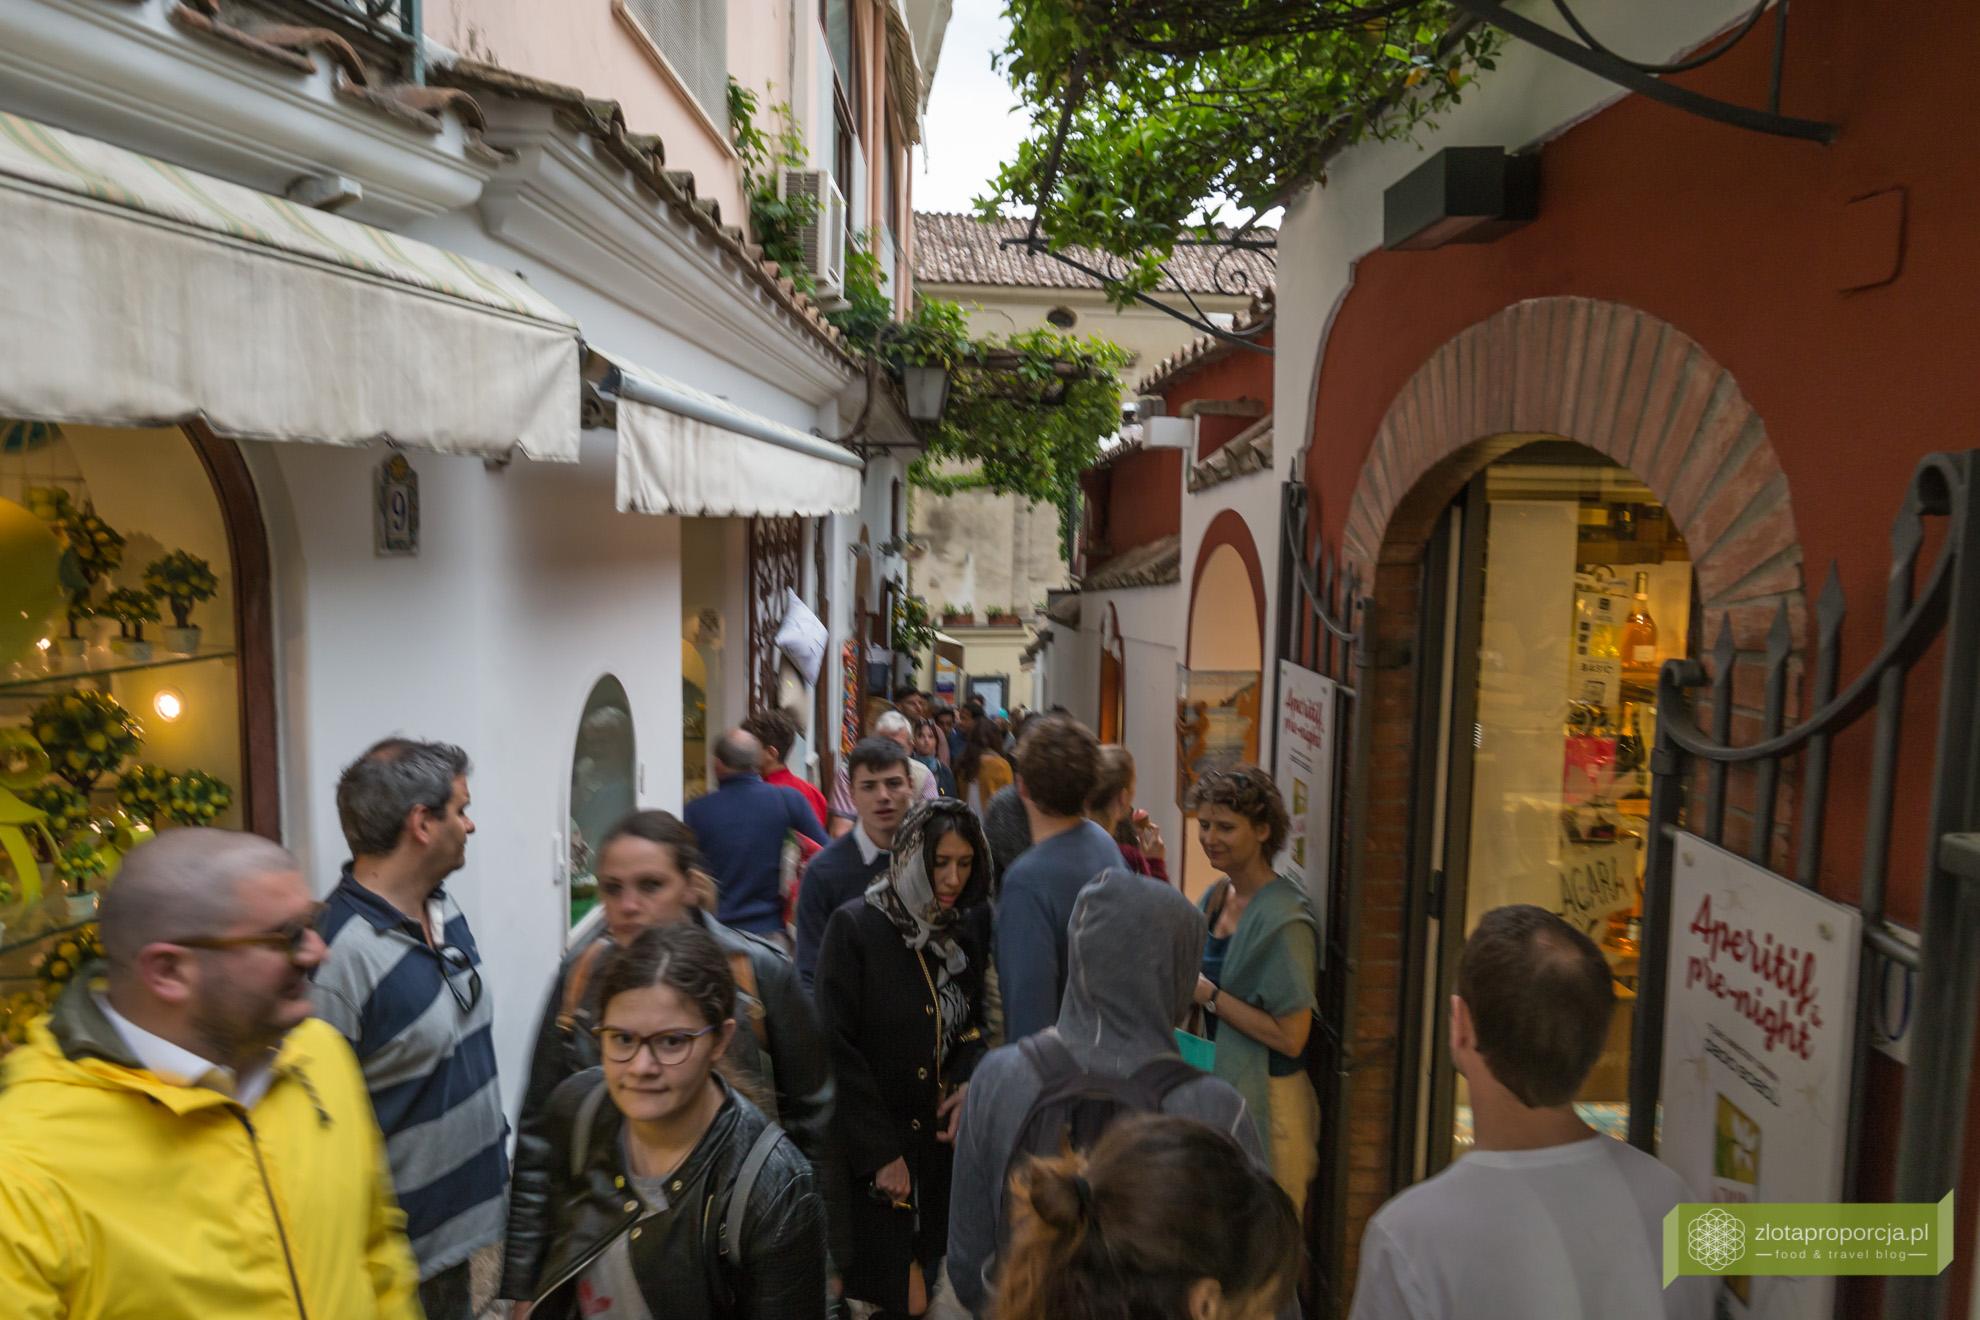 Positano, Amalfi, Wybrzeże Amalfitańskie, Kampania, atrakcje Kampanii problemy Positano, tłumy w Positano